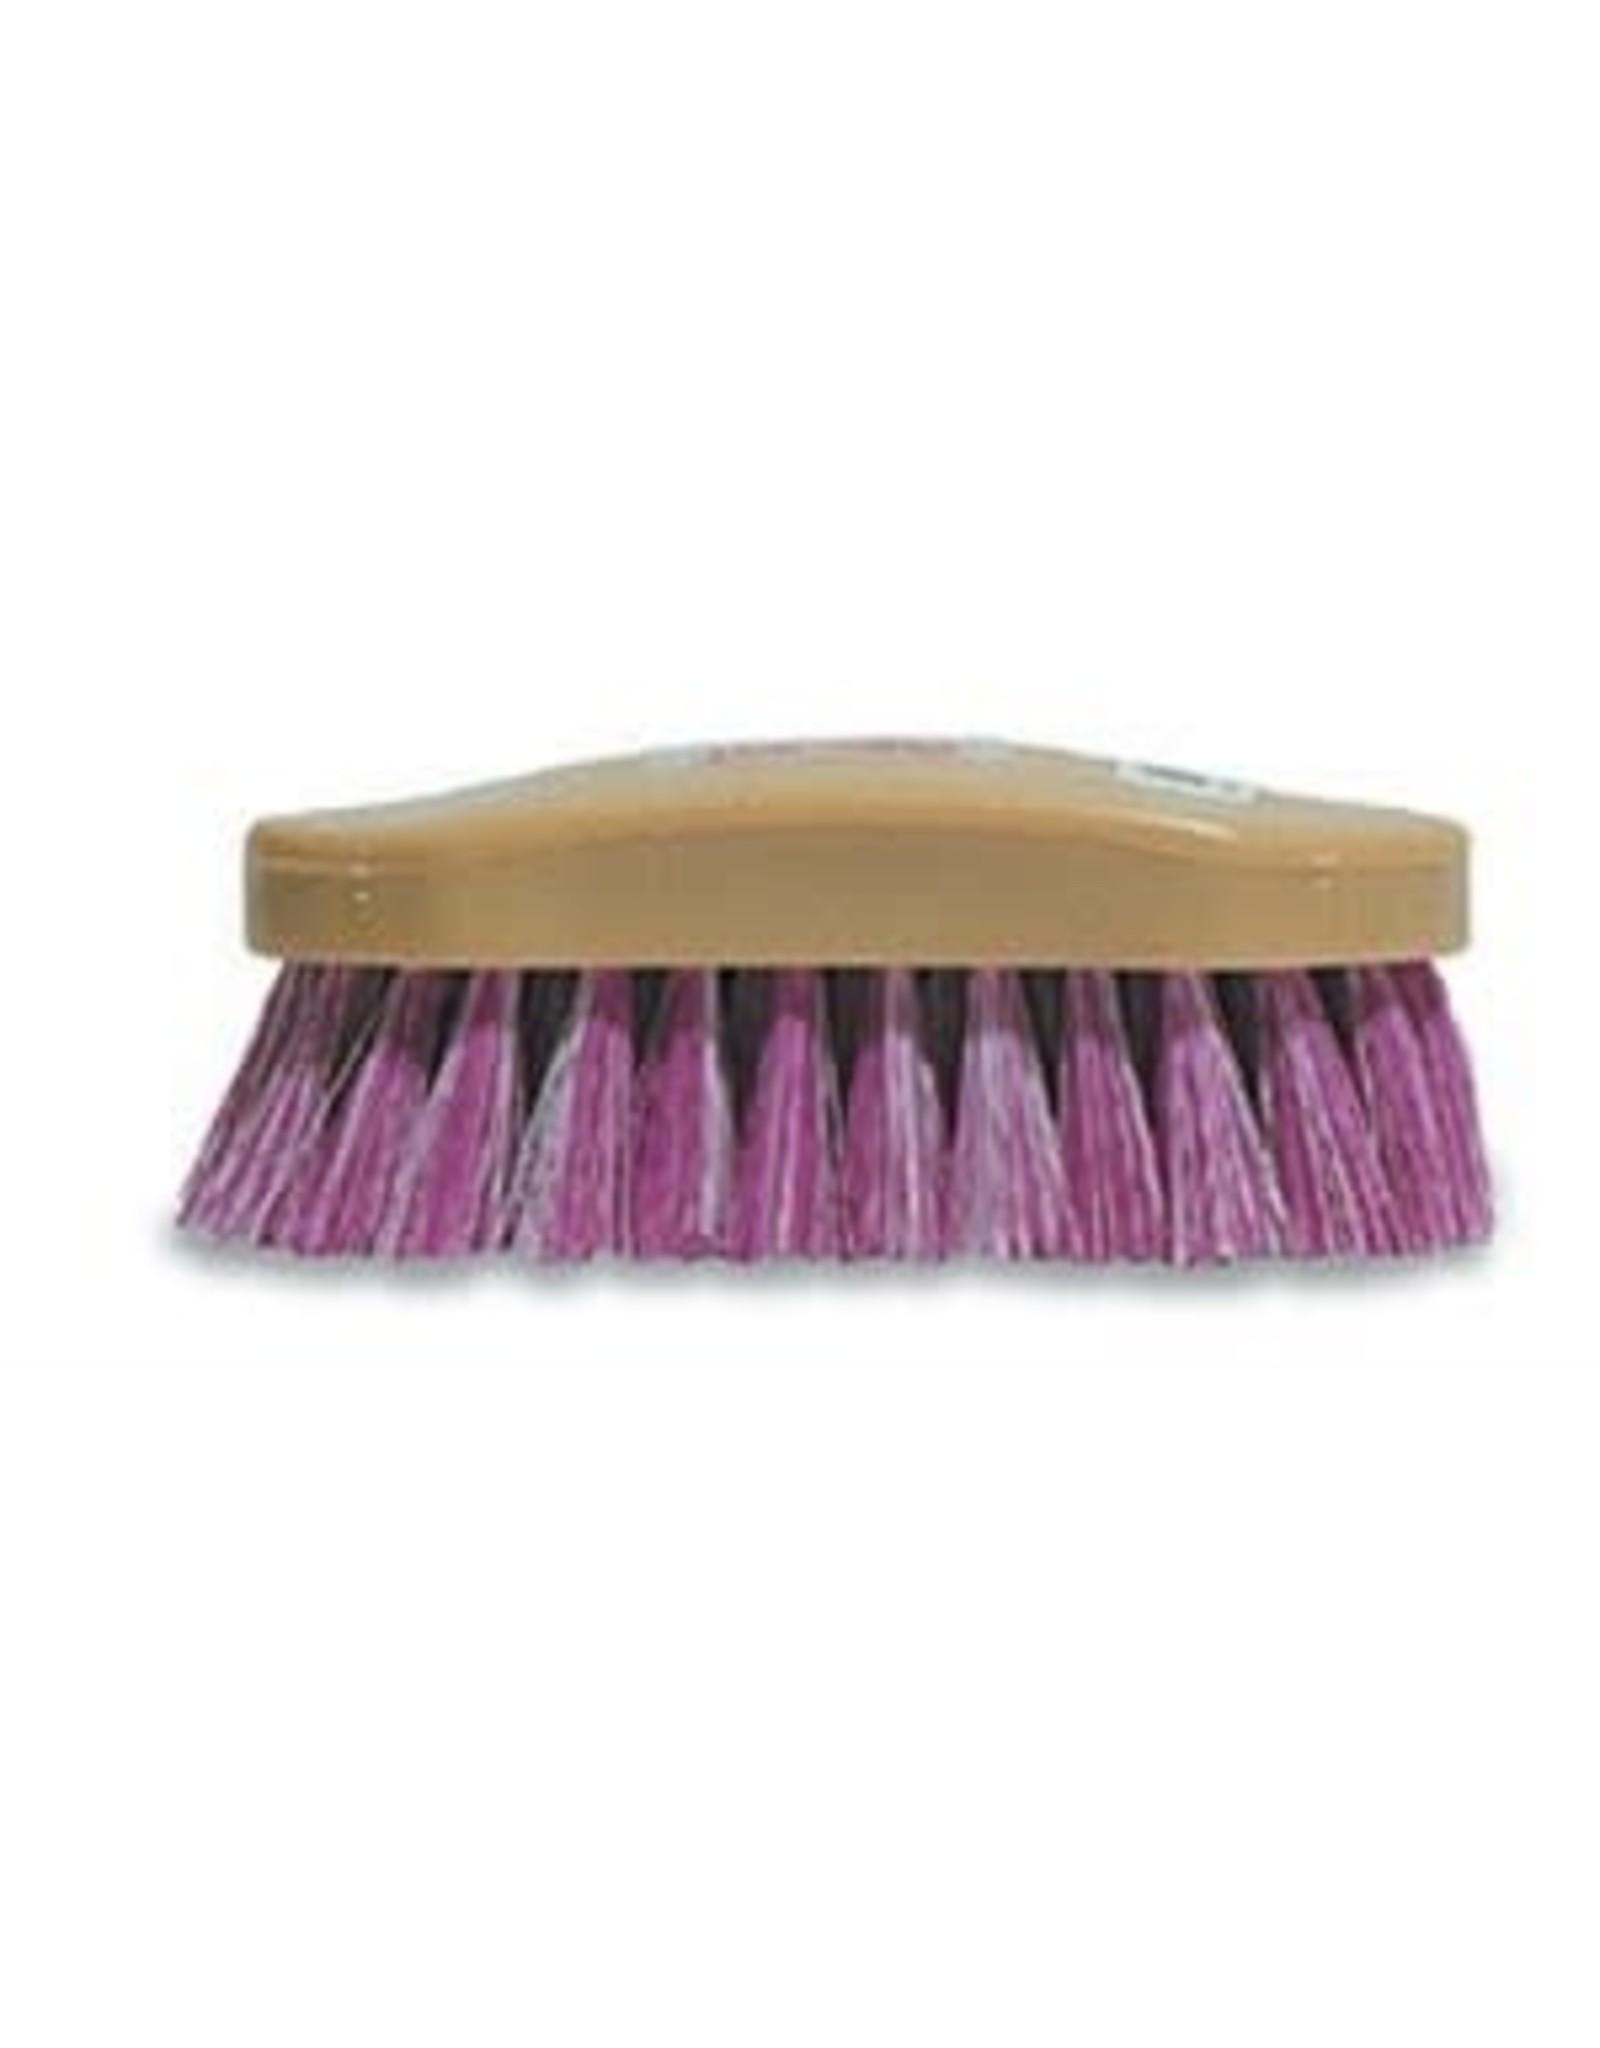 #26 The Pony Soft Brush Raspberry/White